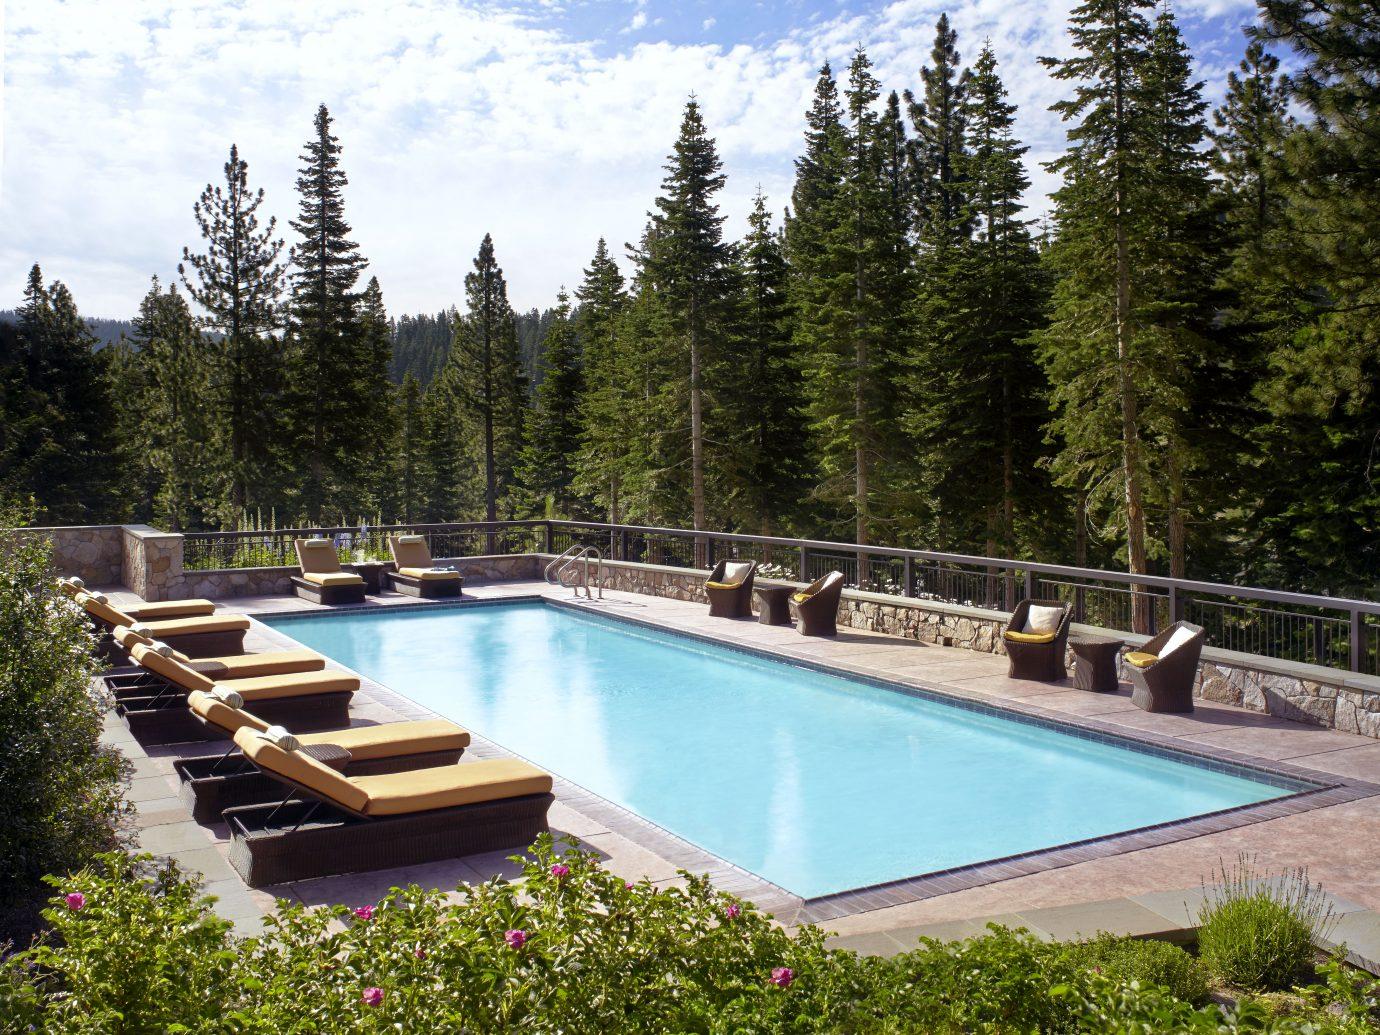 The Ritz-Carlton, Lake Tahoe pool